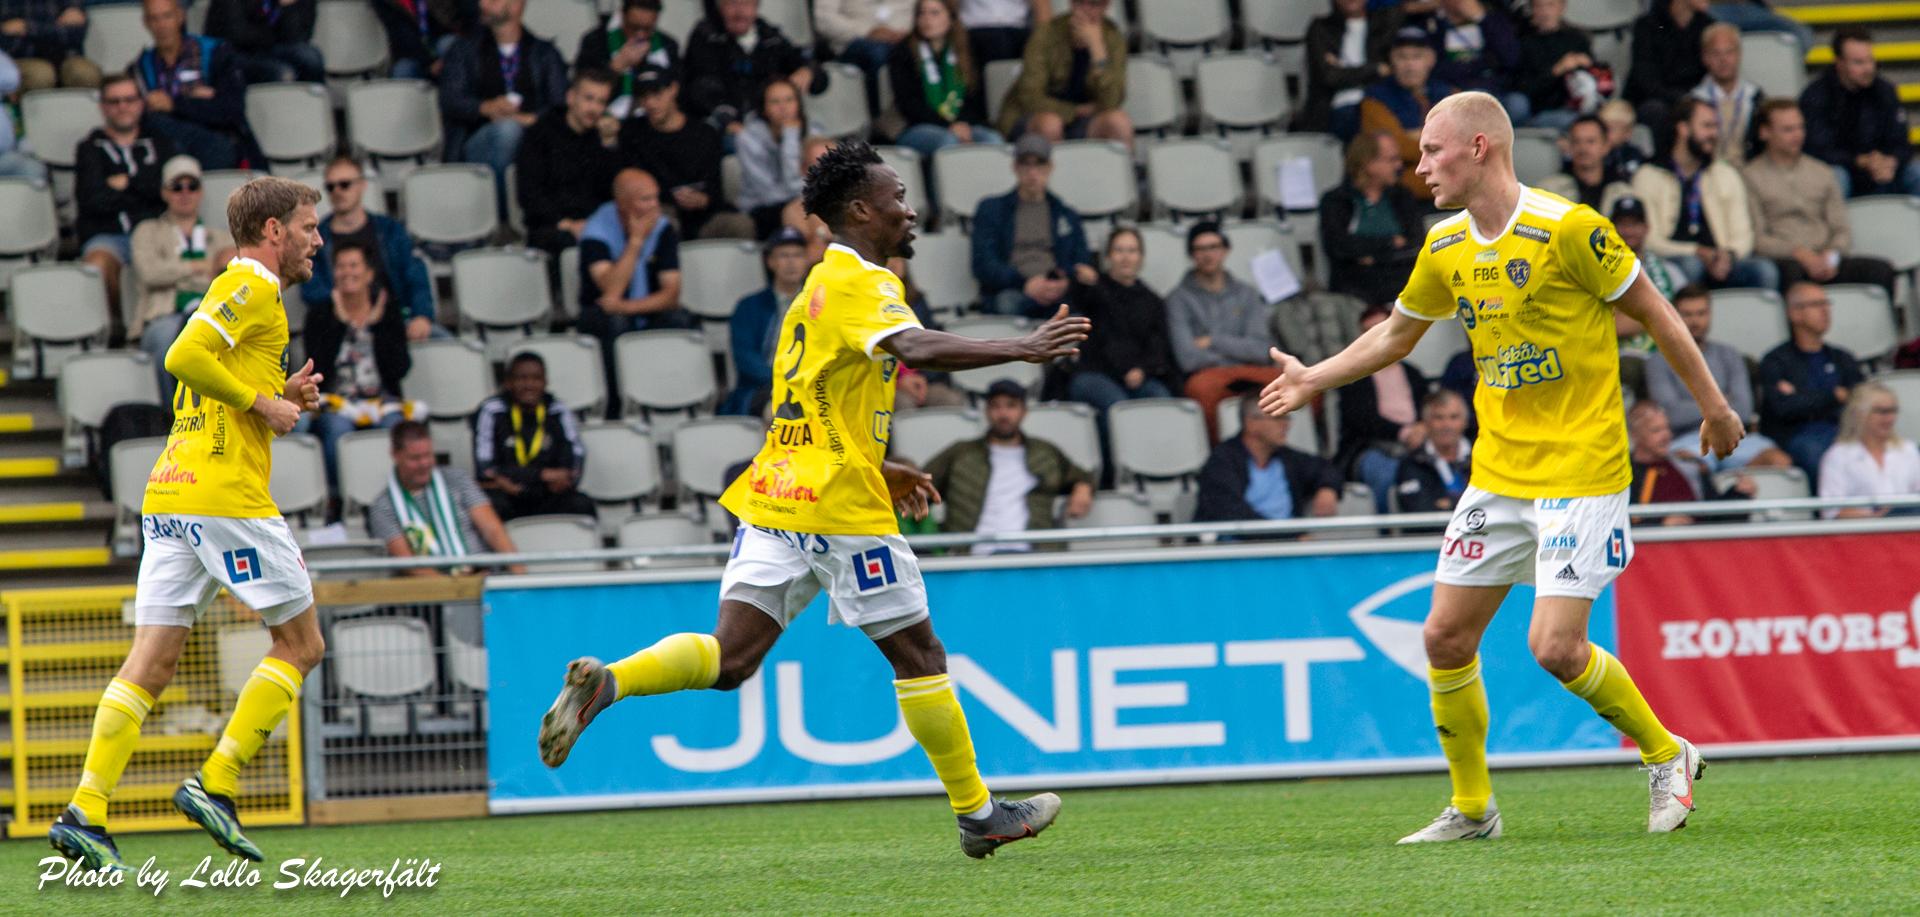 Tre ramträffar när FFF föll tungt i Jönköping